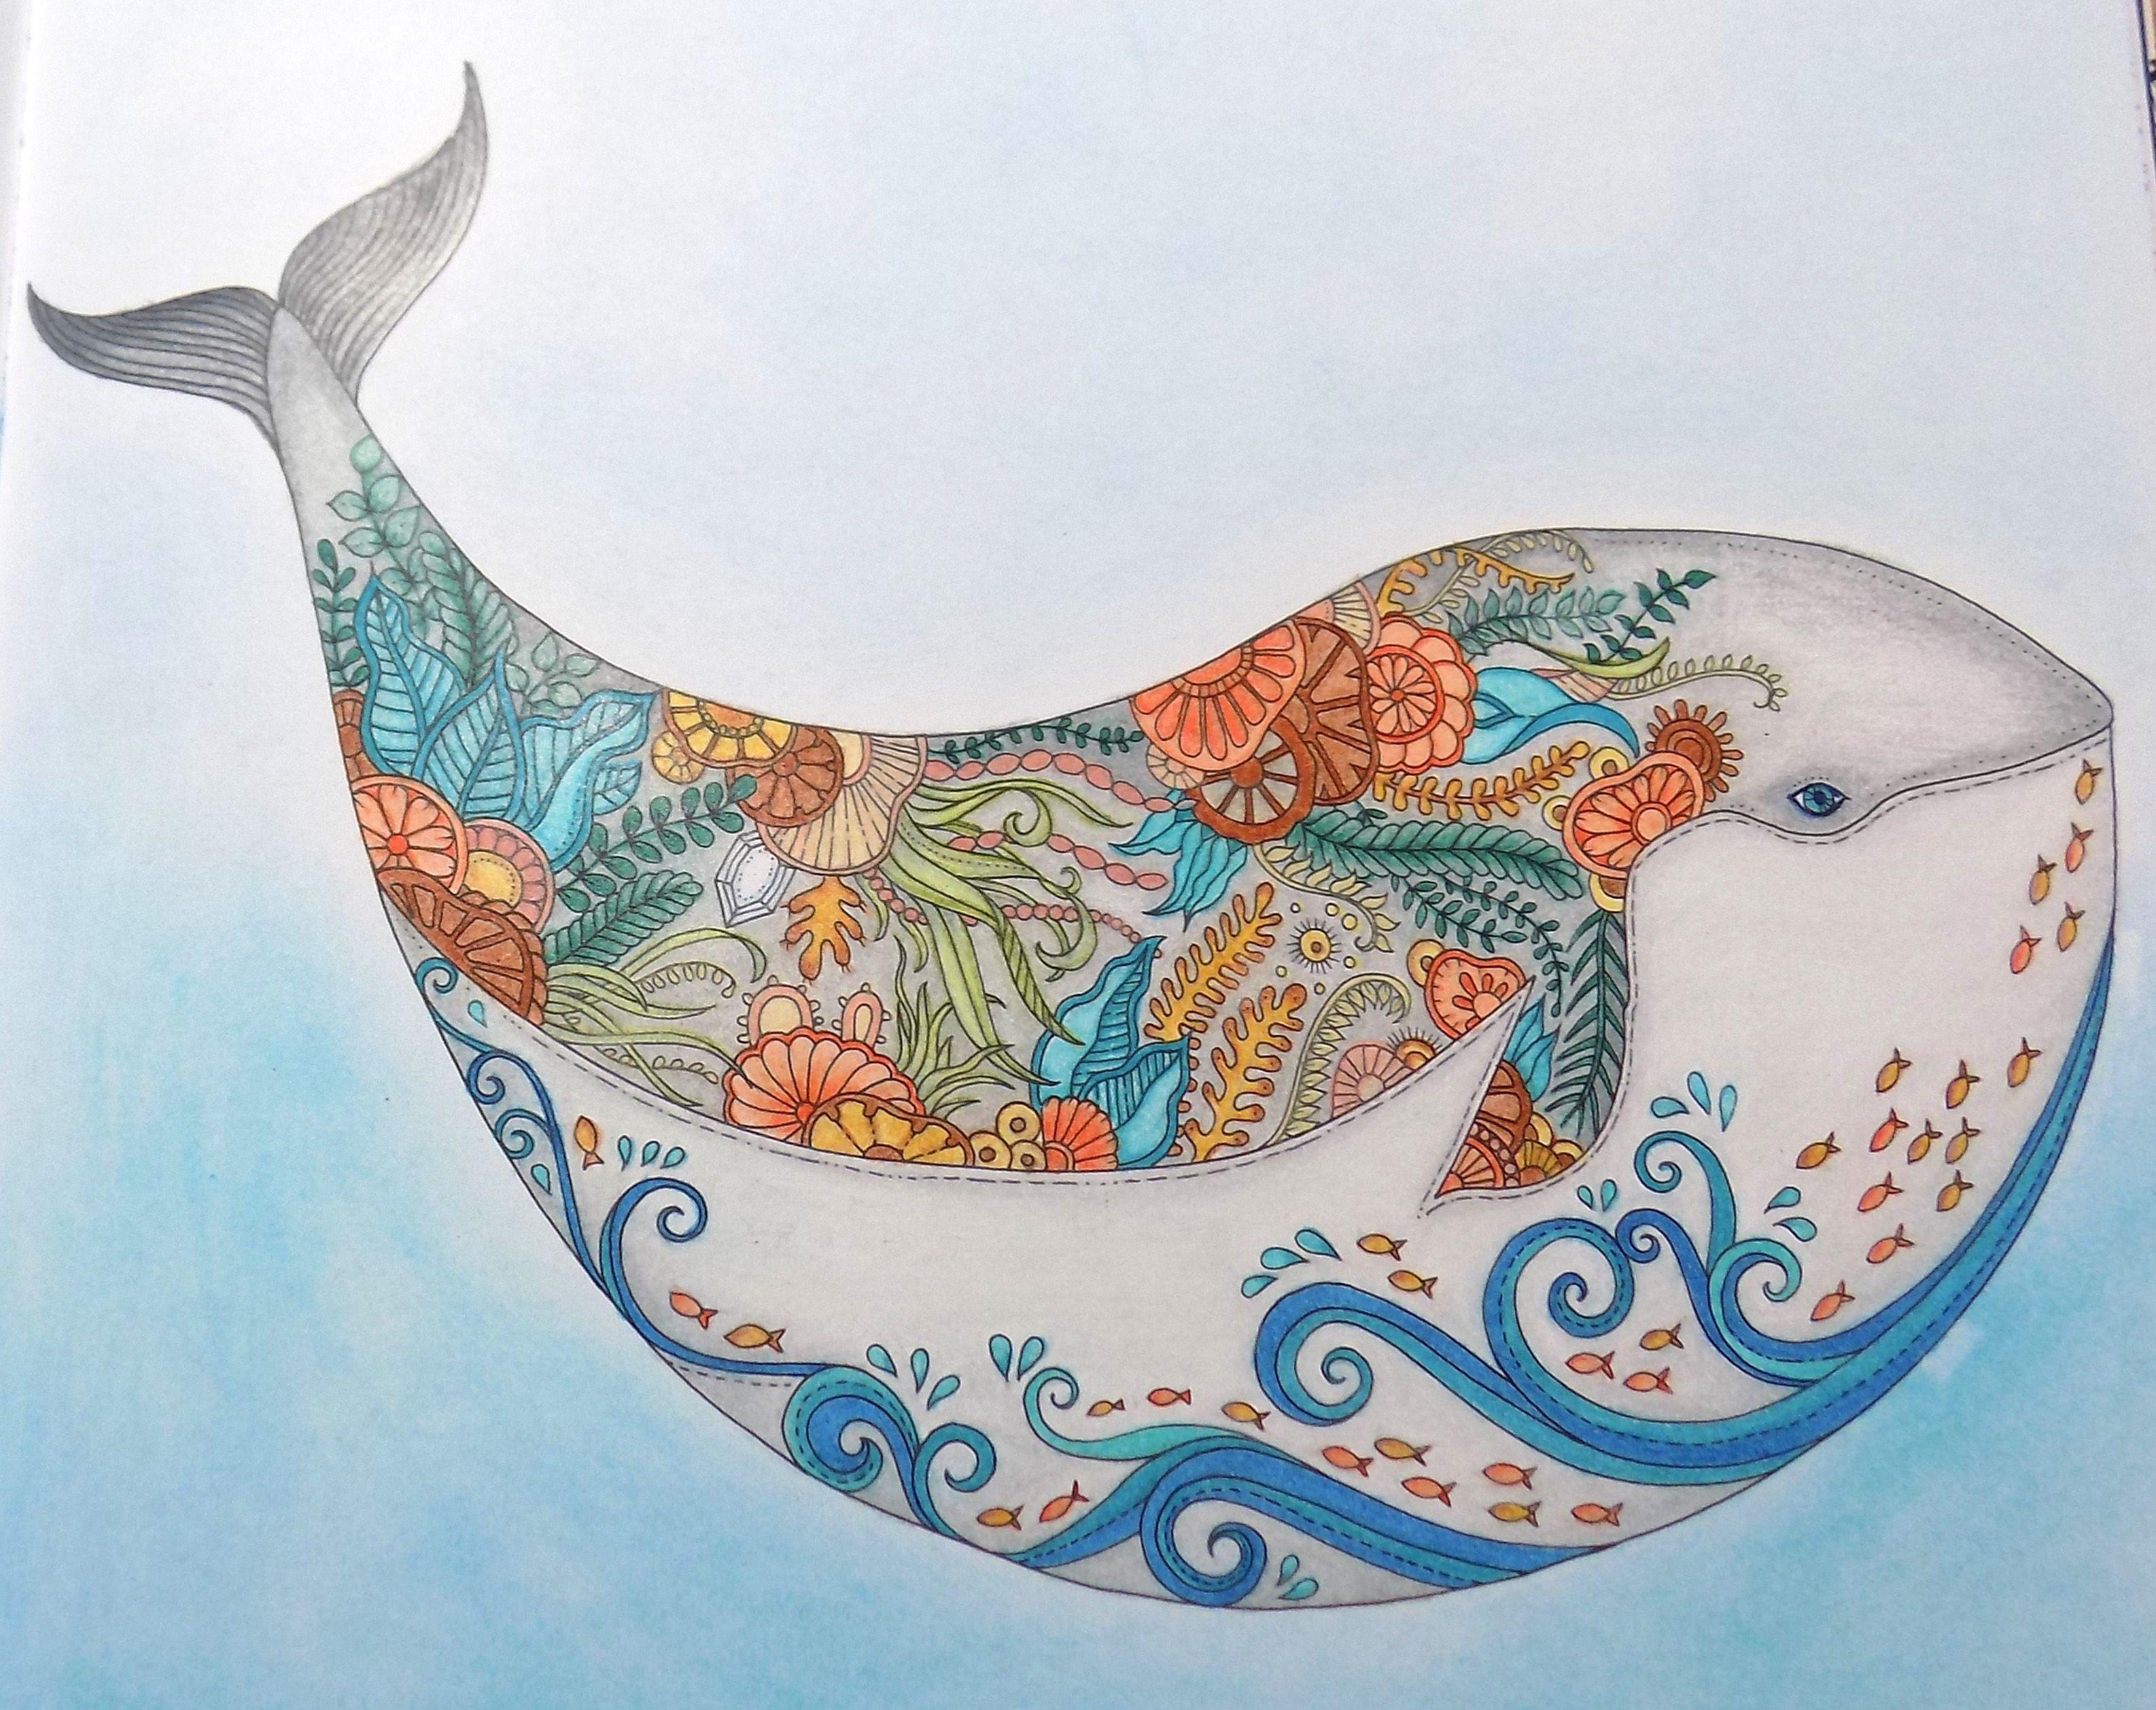 lost ocean by johanna basford colored by linda swirski my